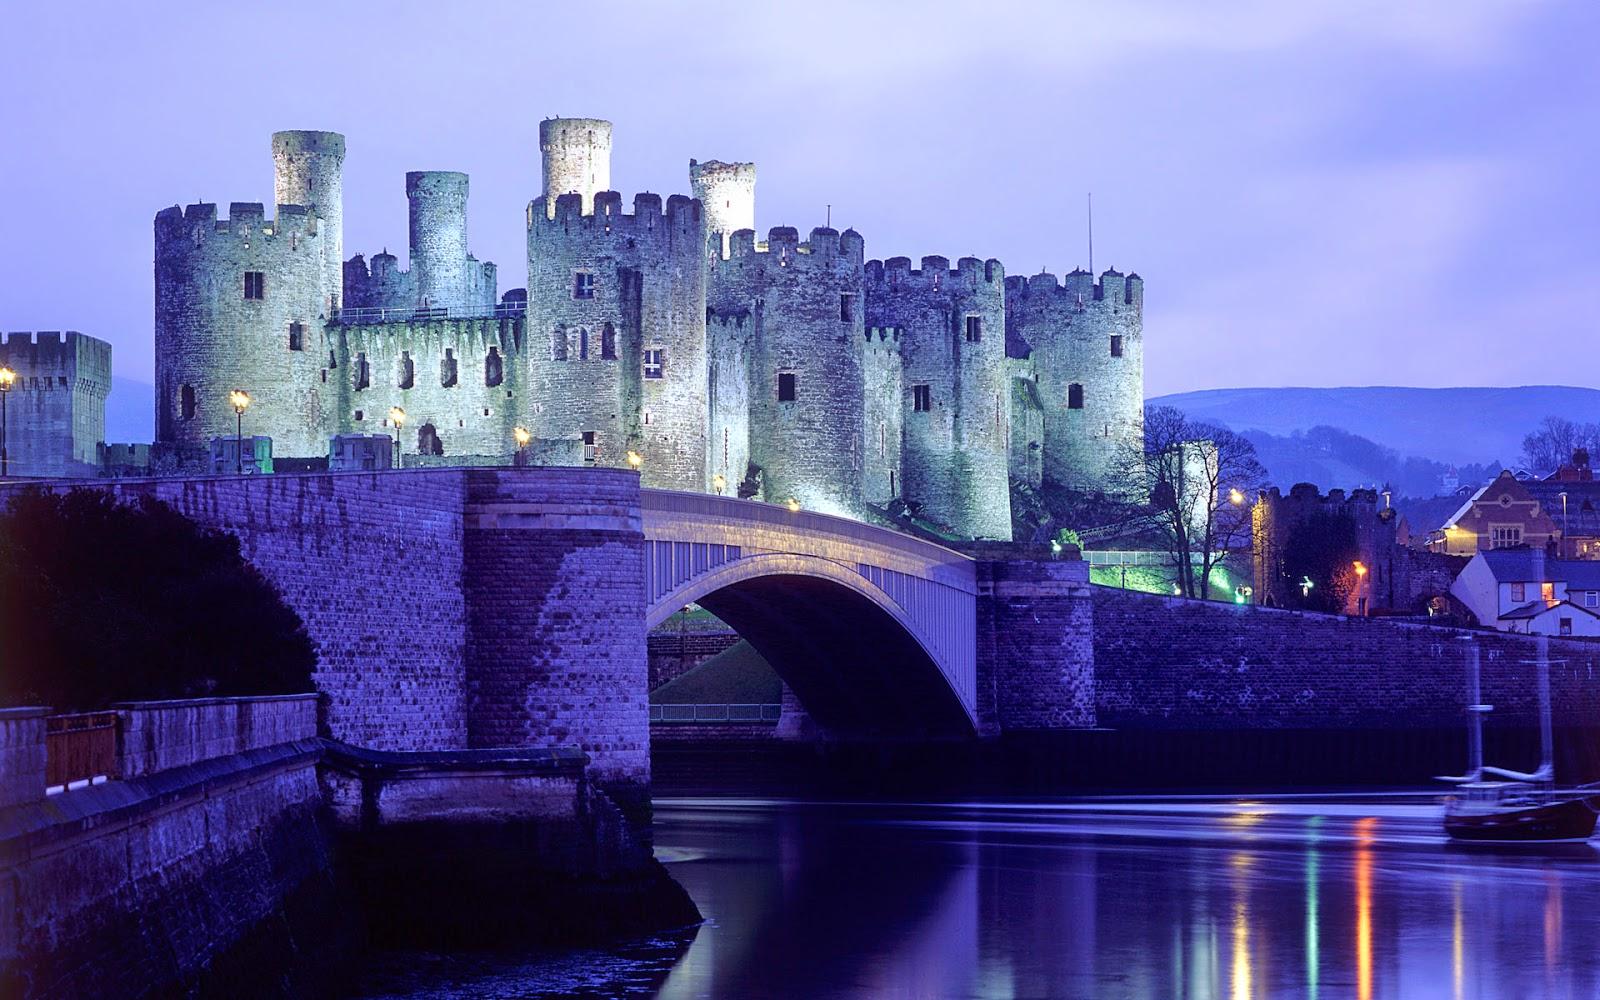 Castle in Water HD Wallpaper